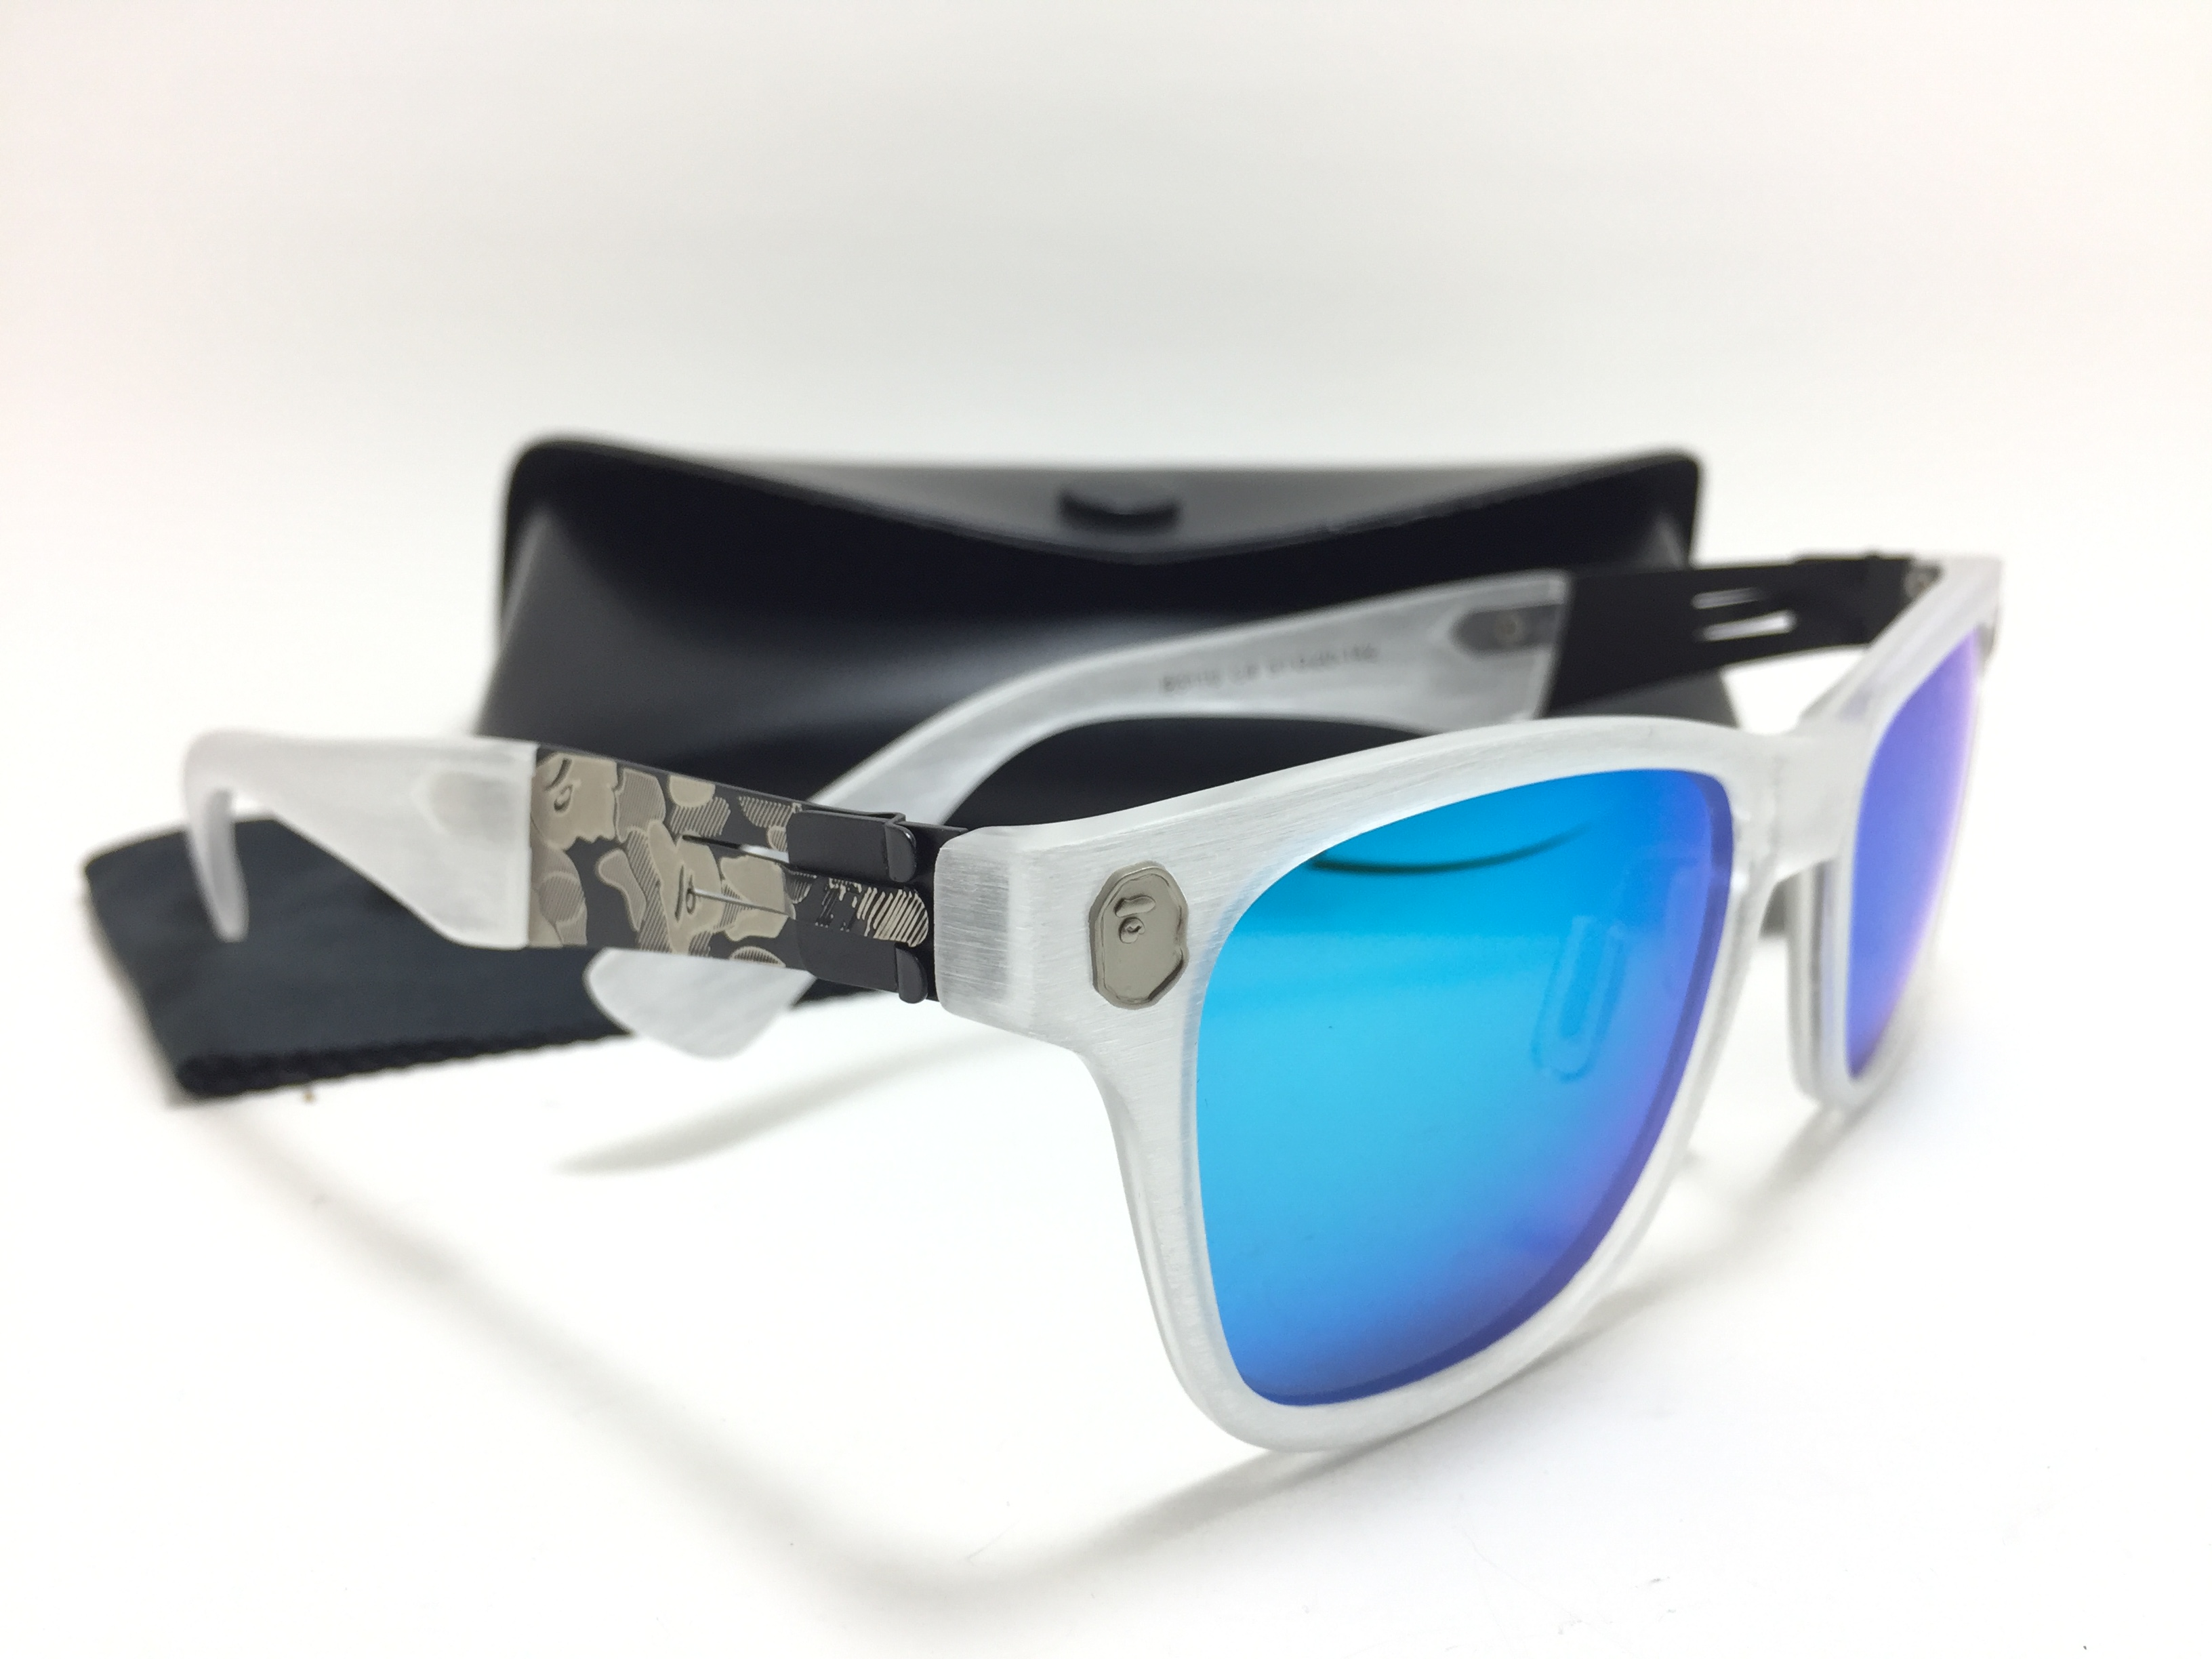 แว่นกันแดดแฟชั่น Green Scrub White Blue-green Sheet Match Box B3110 C4 51-20 142 <ปรอทฟ้า>